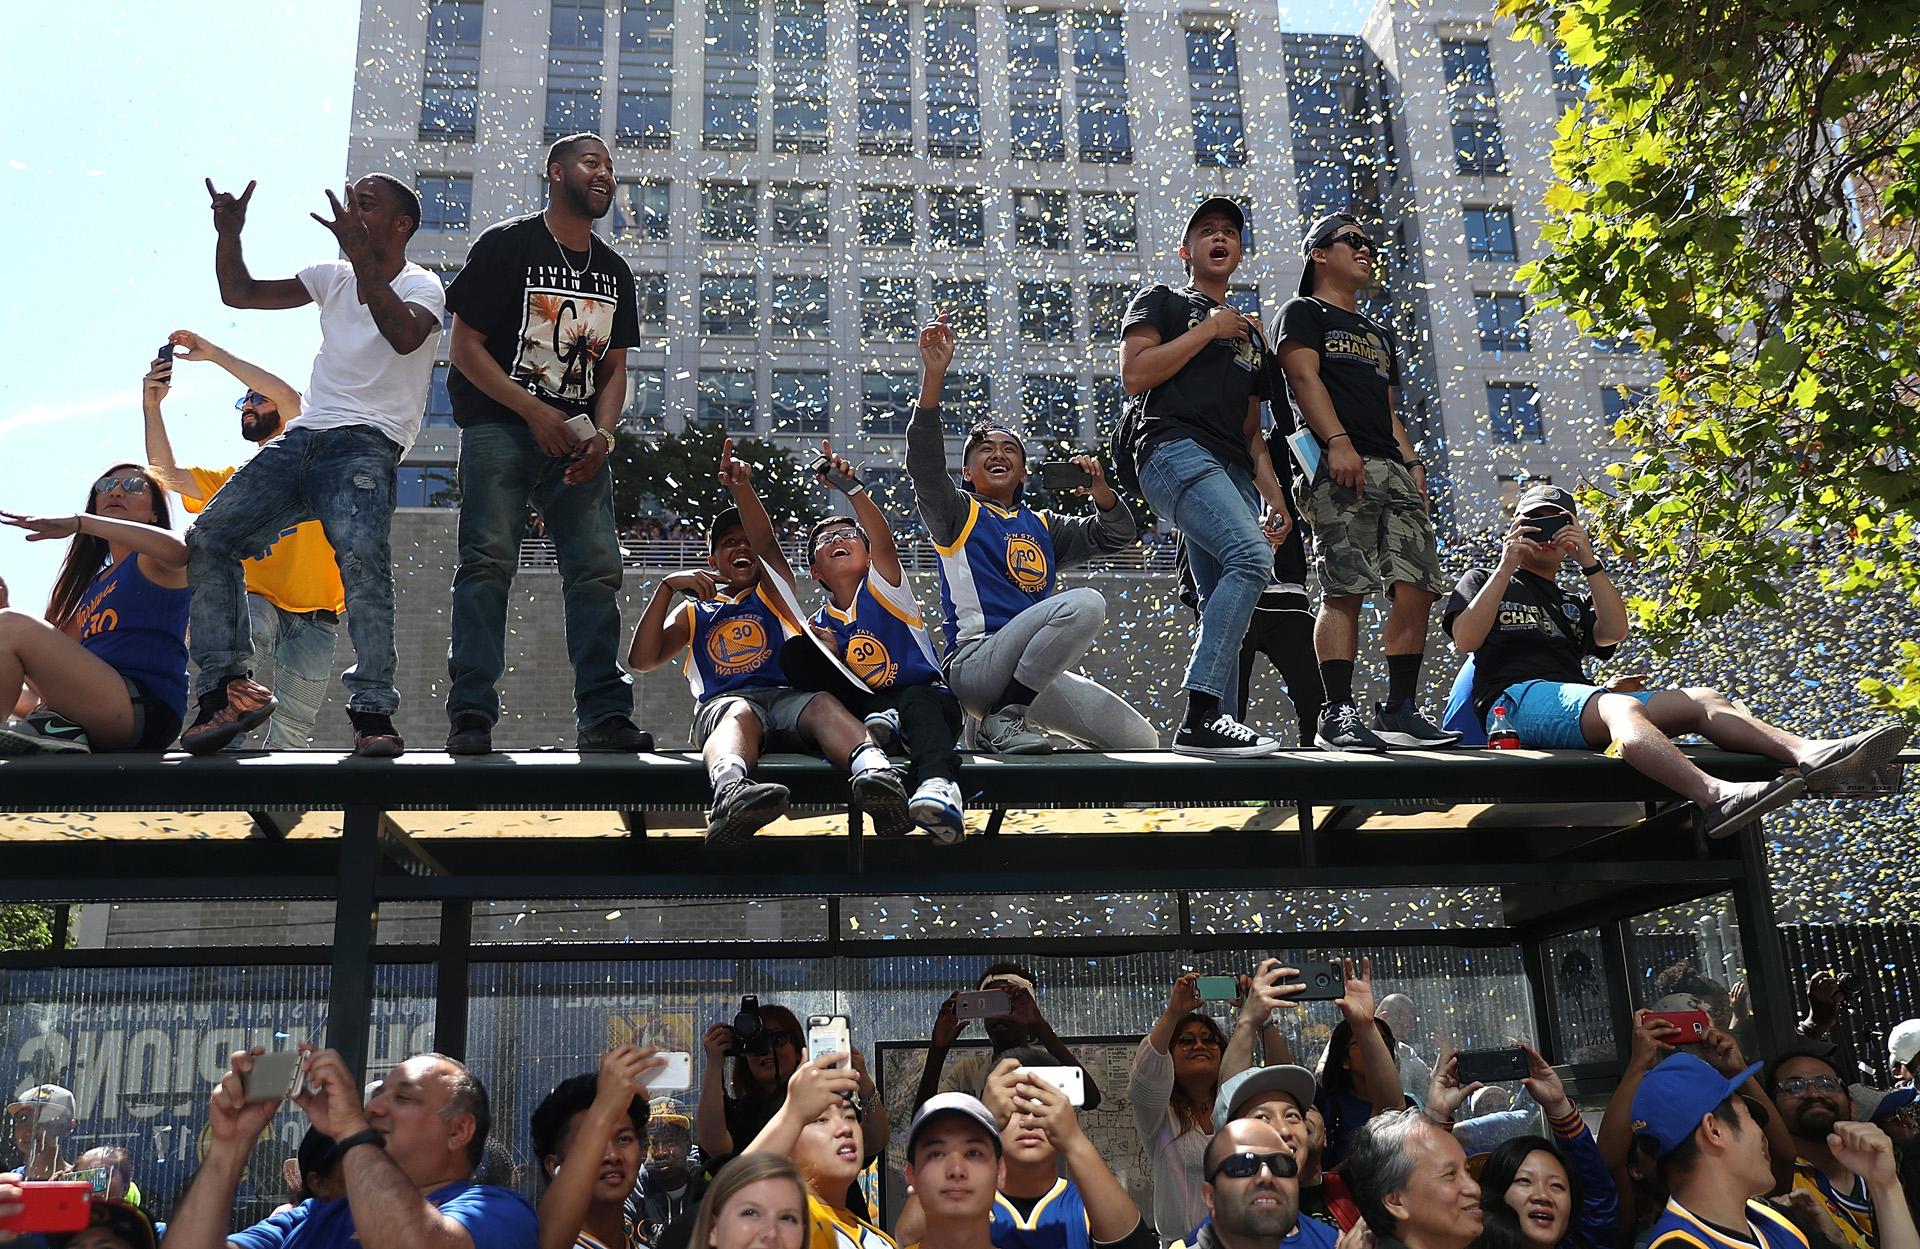 La locura de los fanáticos que en tres años conquistaron la NBA en dos oportunidades